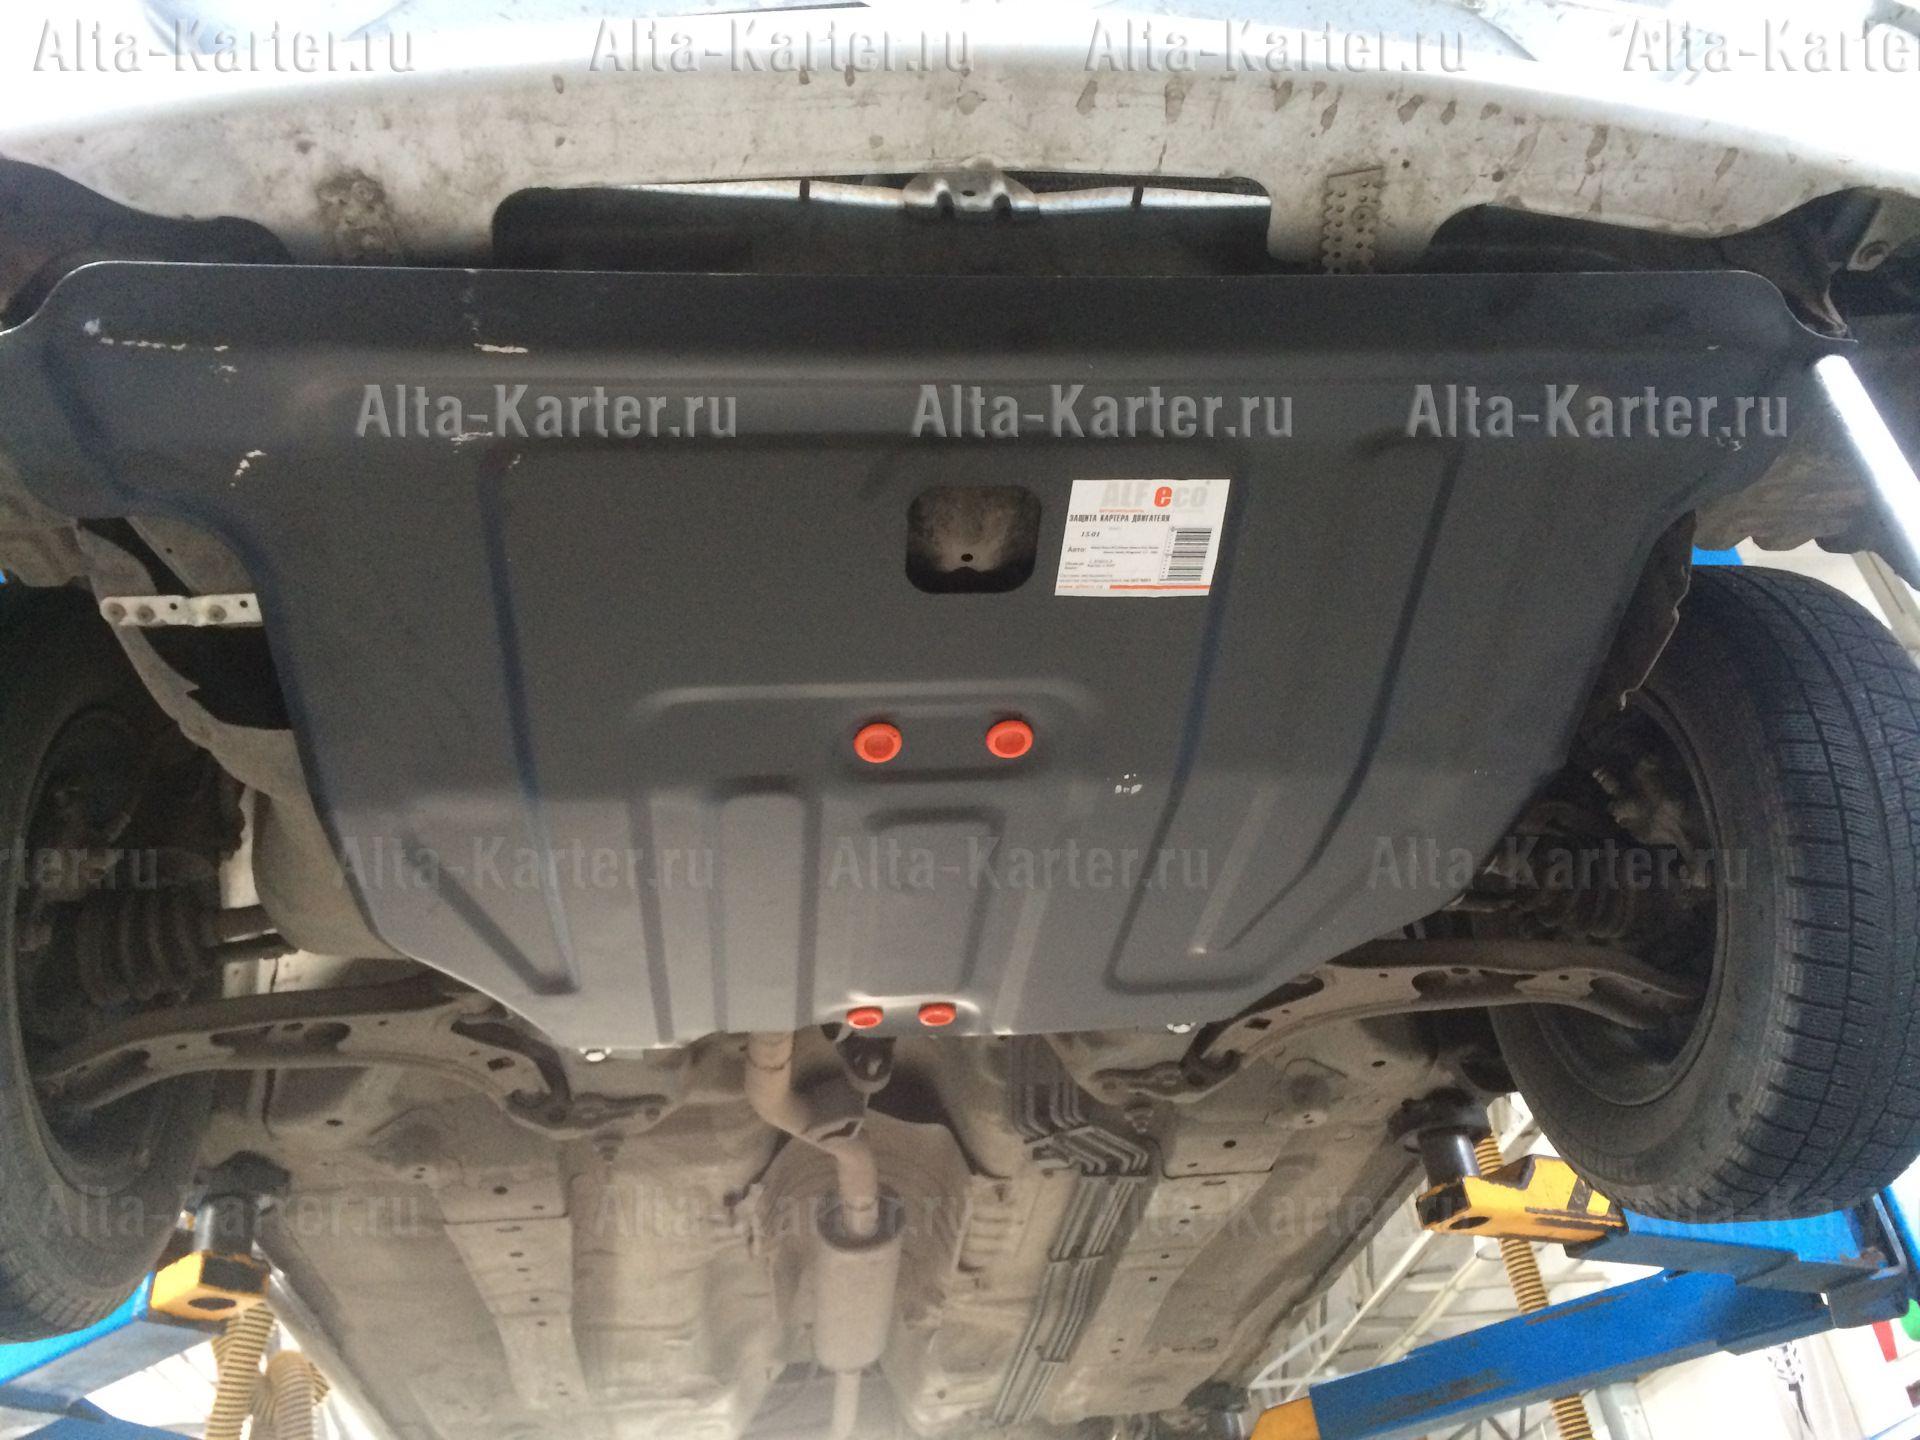 Защита Alfeco для картера и КПП Nissan Almera Classic 2006-2013. Артикул ALF.15.01